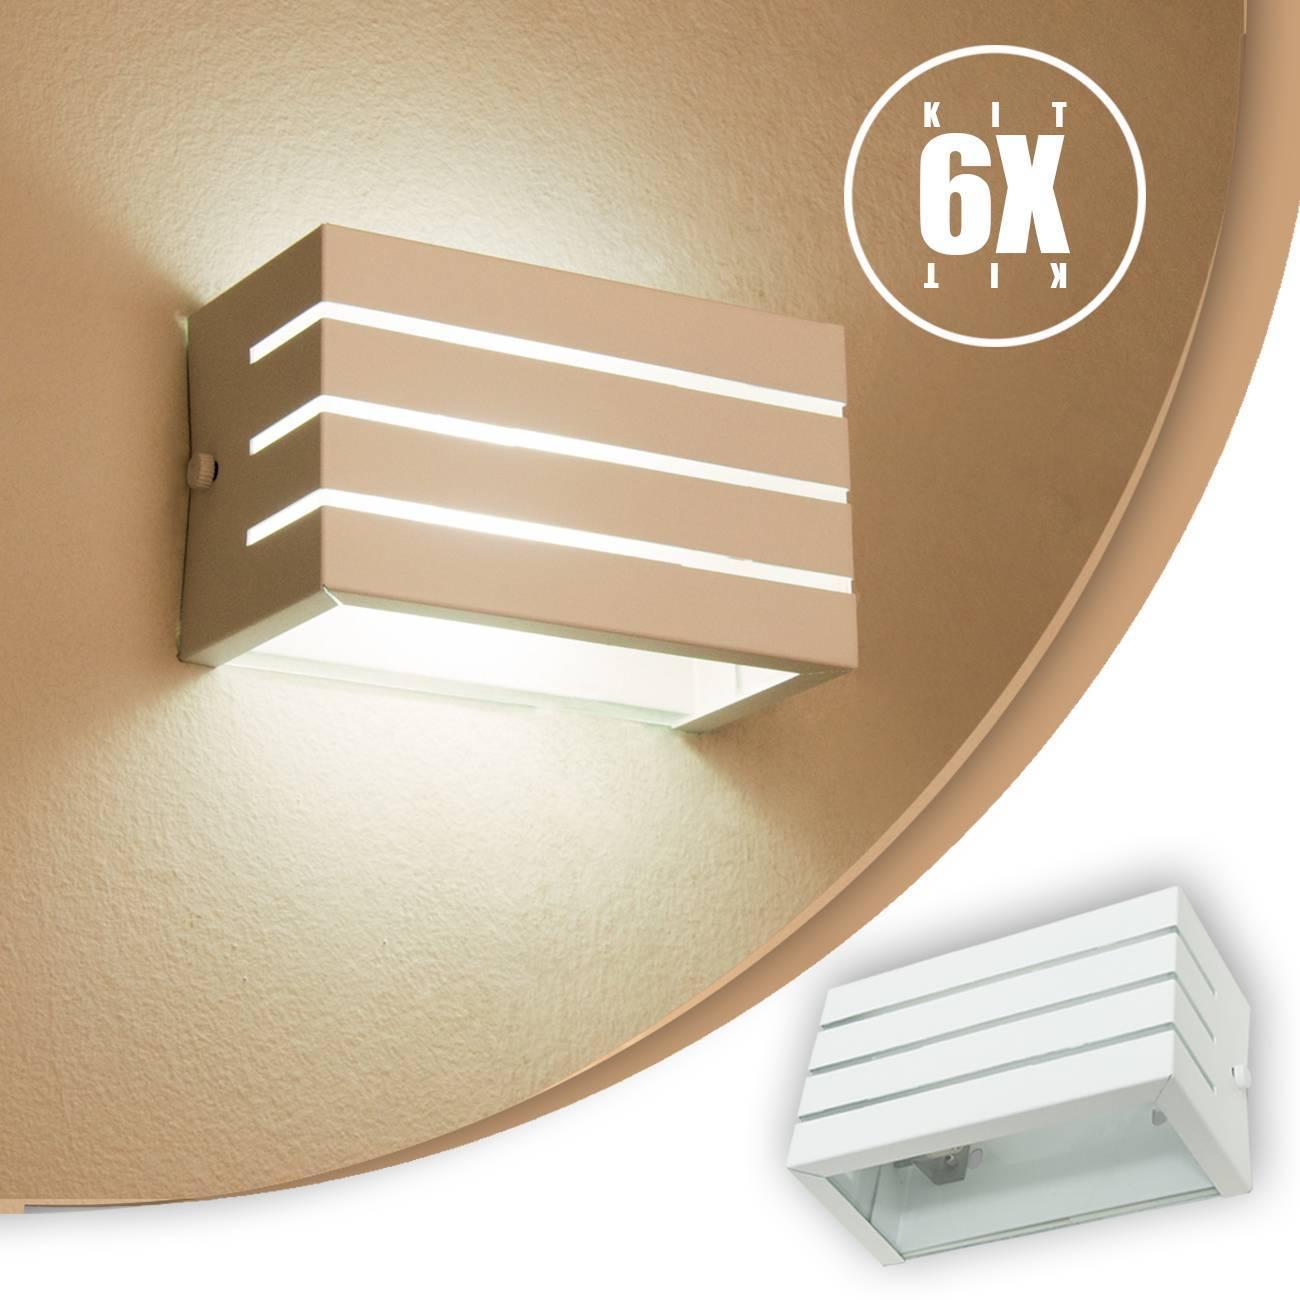 Arandela Frisada Branca Parede Externa Kit 06 unidades - LCGELETRO